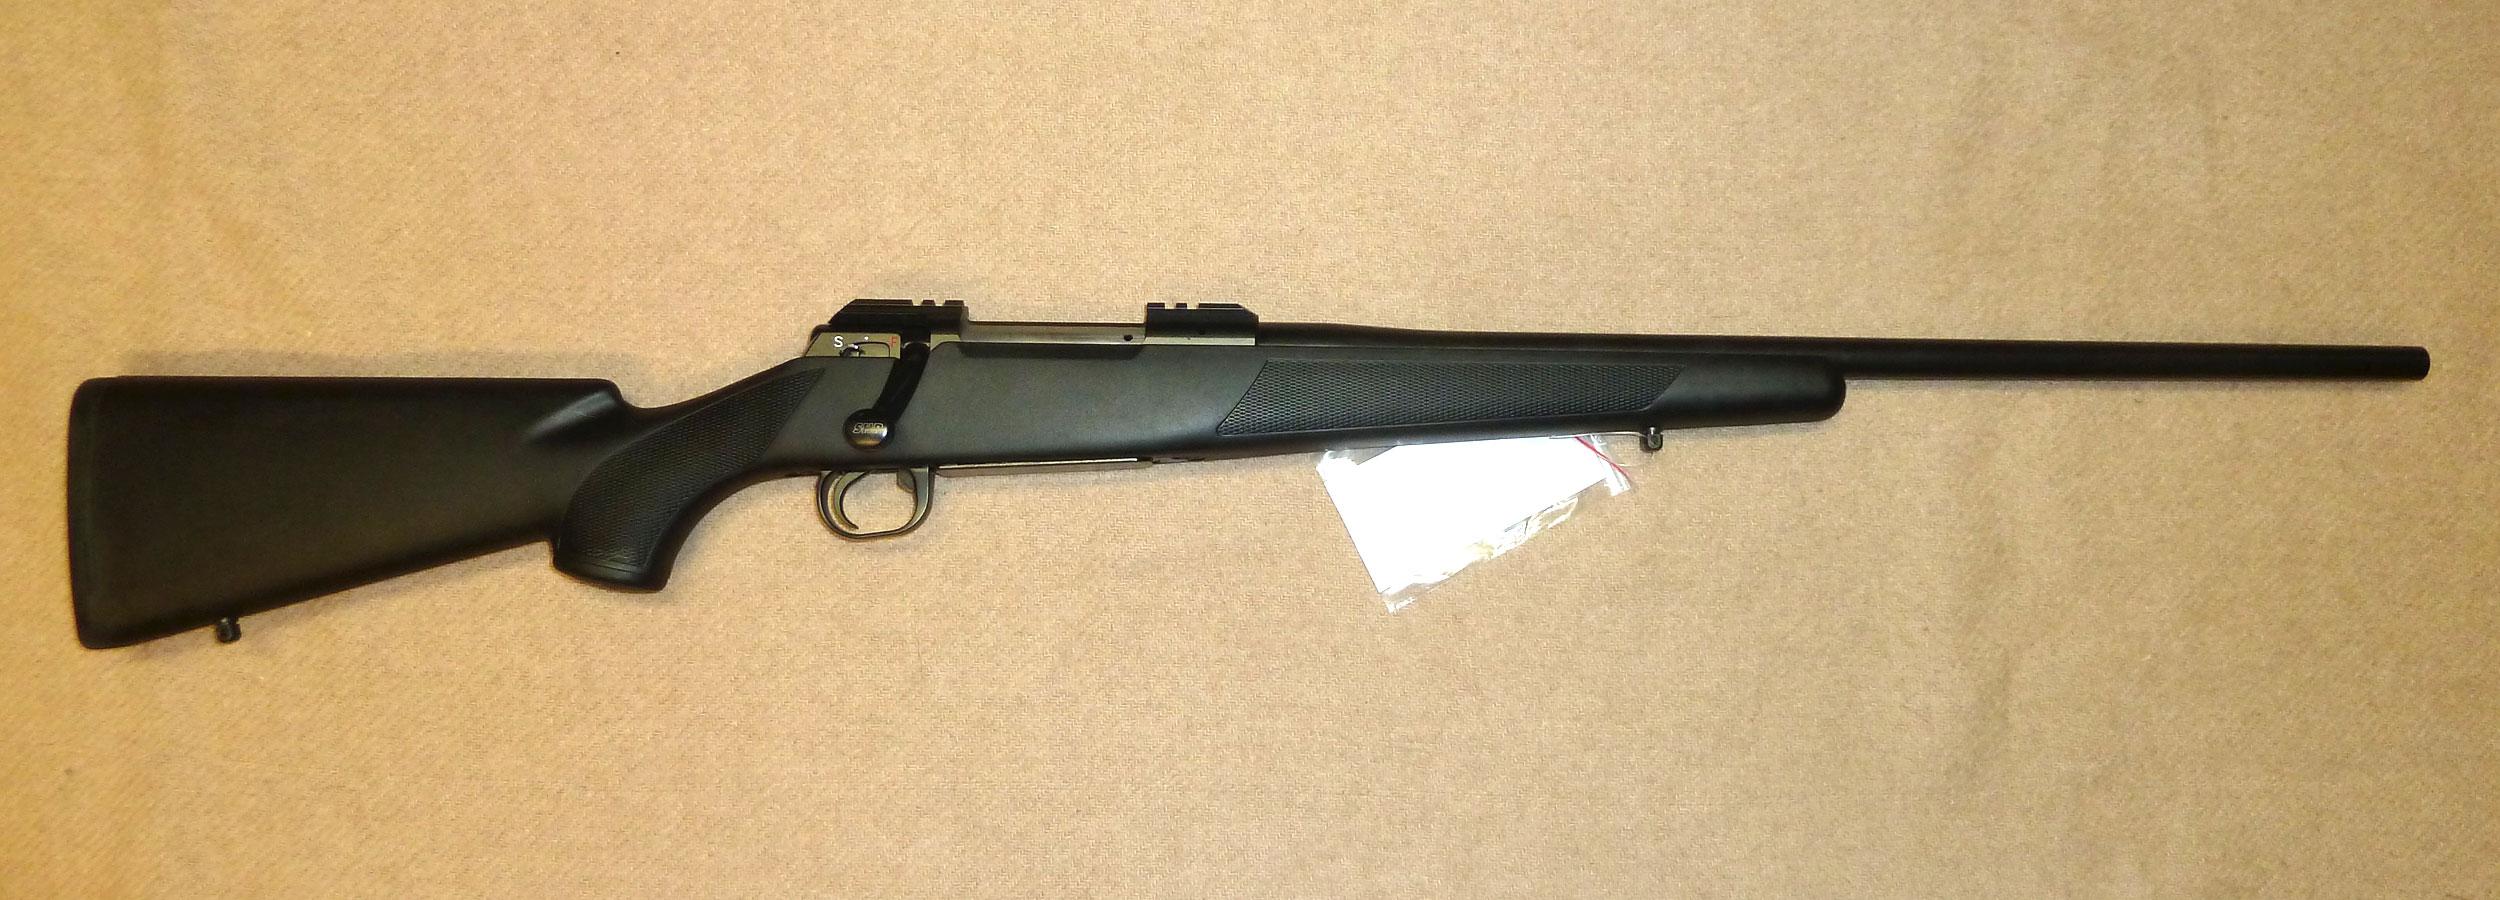 Swiss Arms SHR 970 Alpine